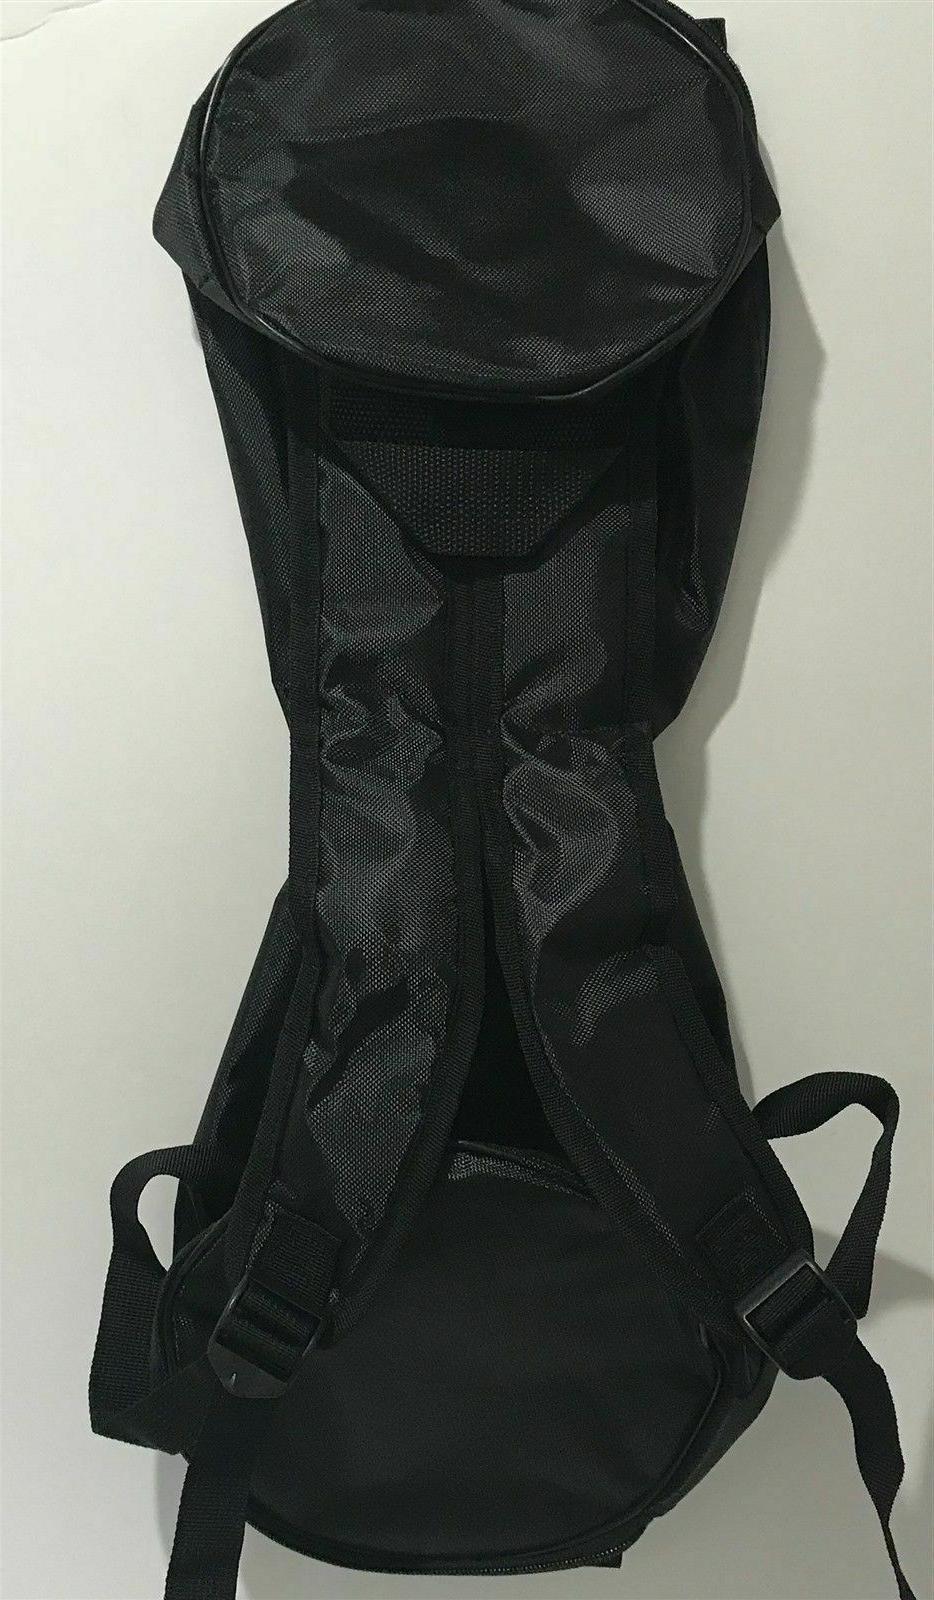 TRAVEL BAG Hoverboard Backpack Carry Case Black New